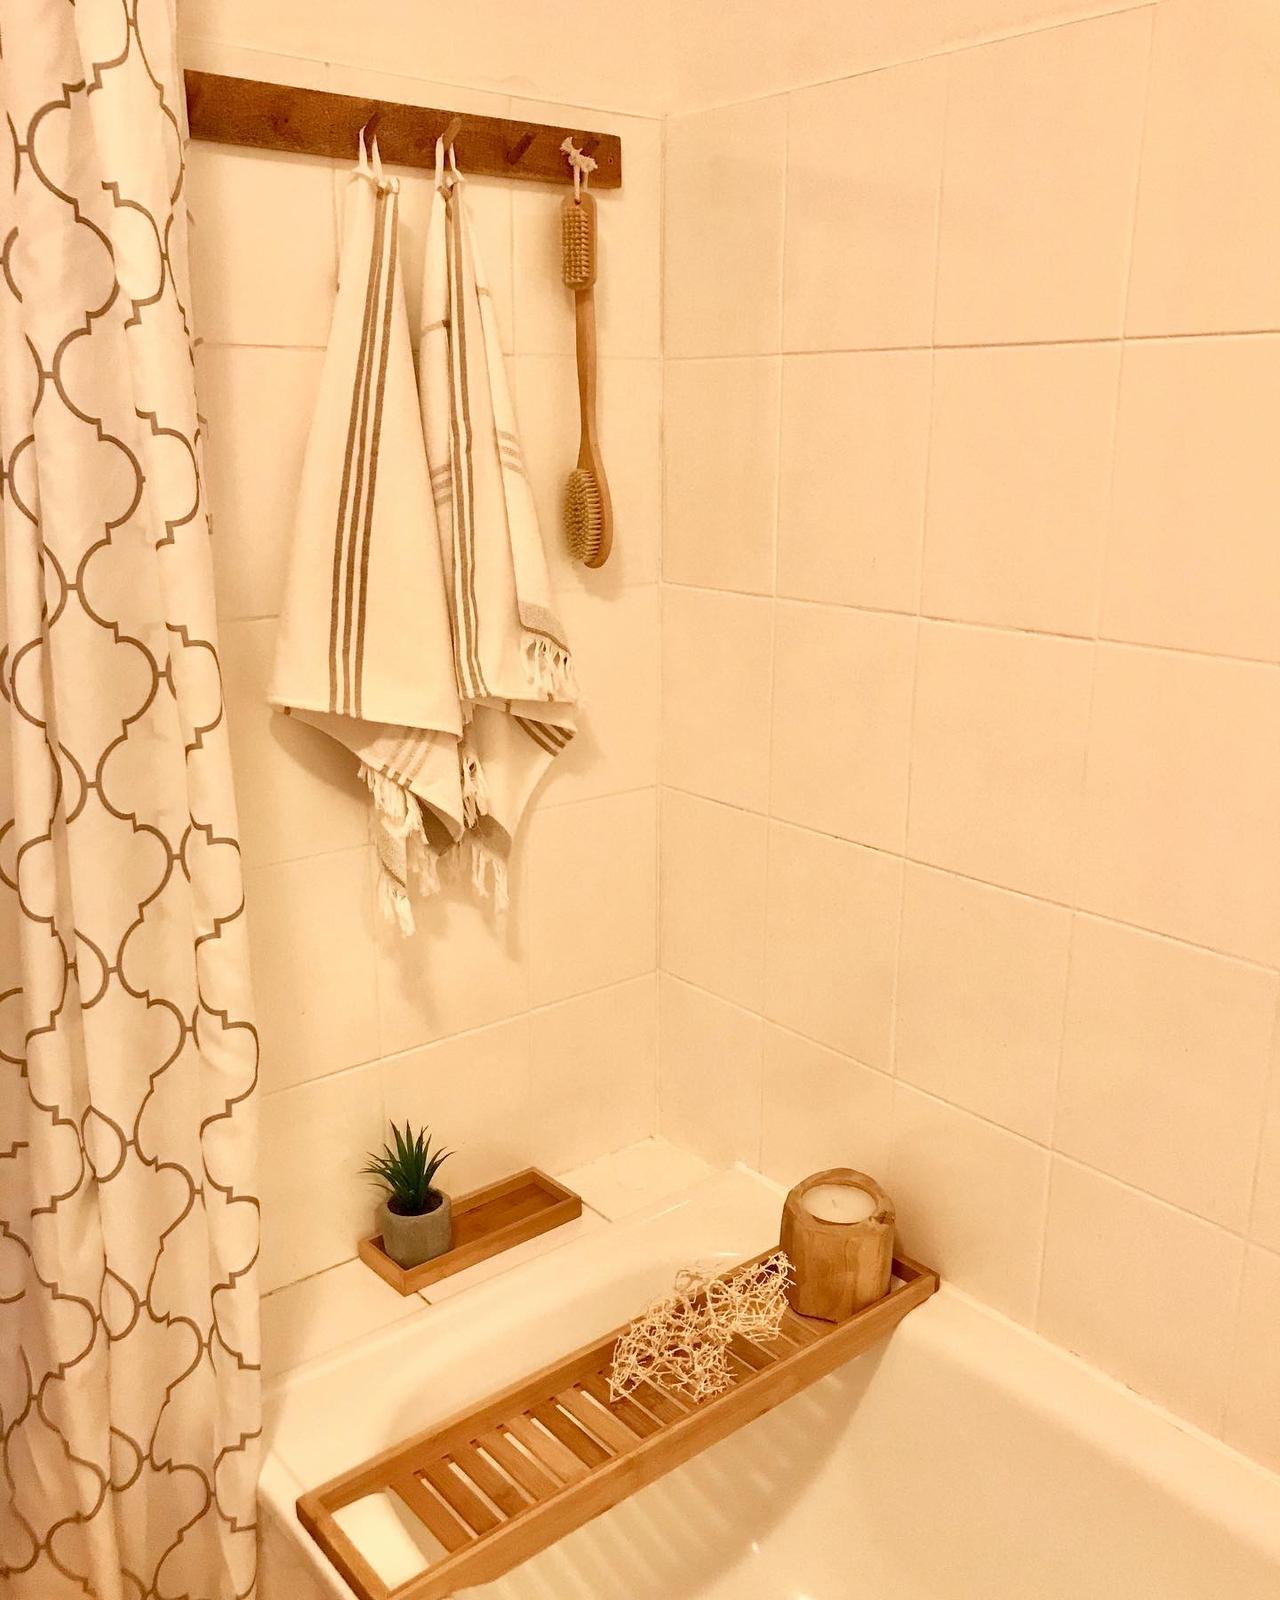 Z příšerné koupelny tvořím trochu lepší 💪 - Obrázek č. 36